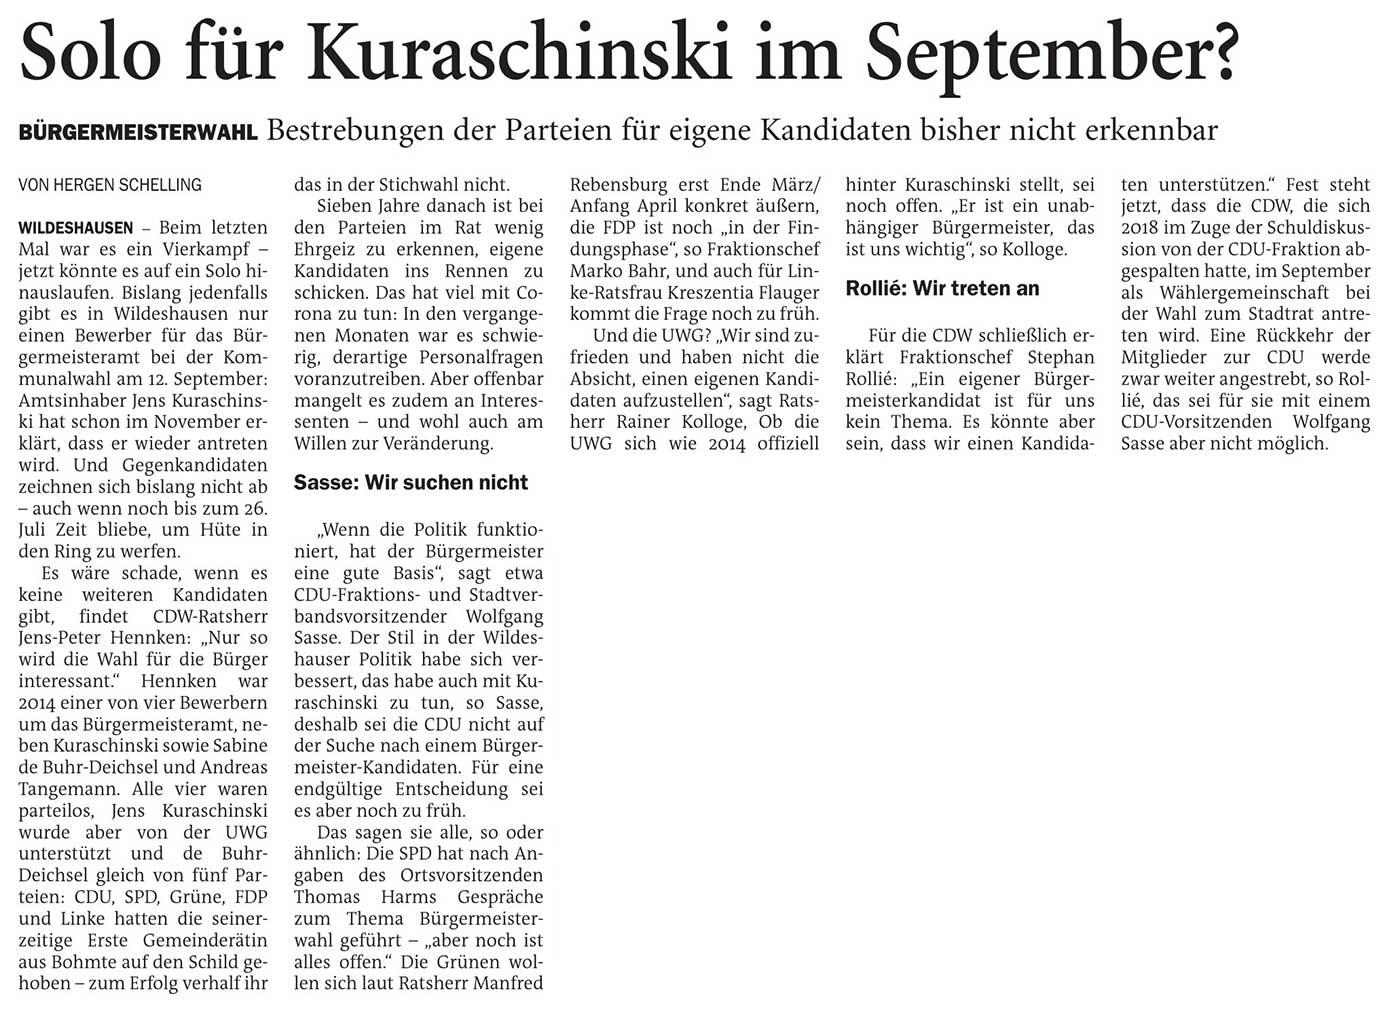 Solo für Kuraschinski im September?Bürgermeisterwahl: Bestrebungen der Parteien für eigene Kandidaten bisher nicht erkennbarArtikel vom 28.01.2021 (NWZ)